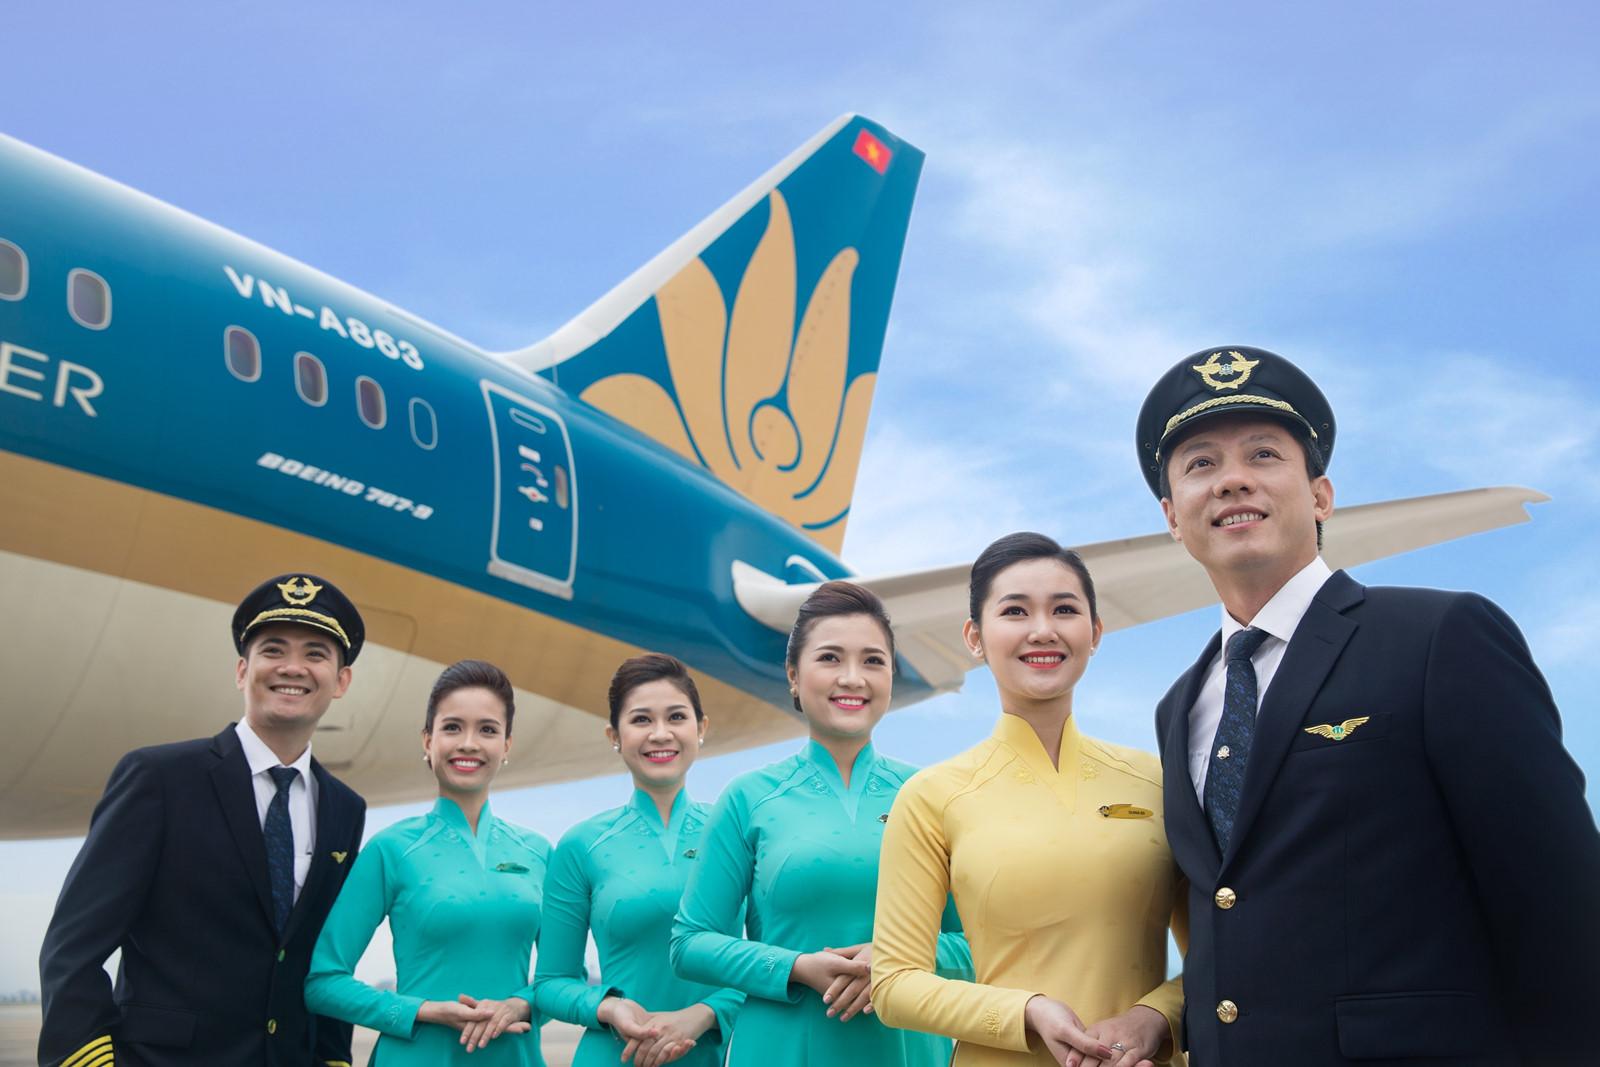 Đội ngũ nhân viên chuyên nghiệp của hãng Vietnam Airlines